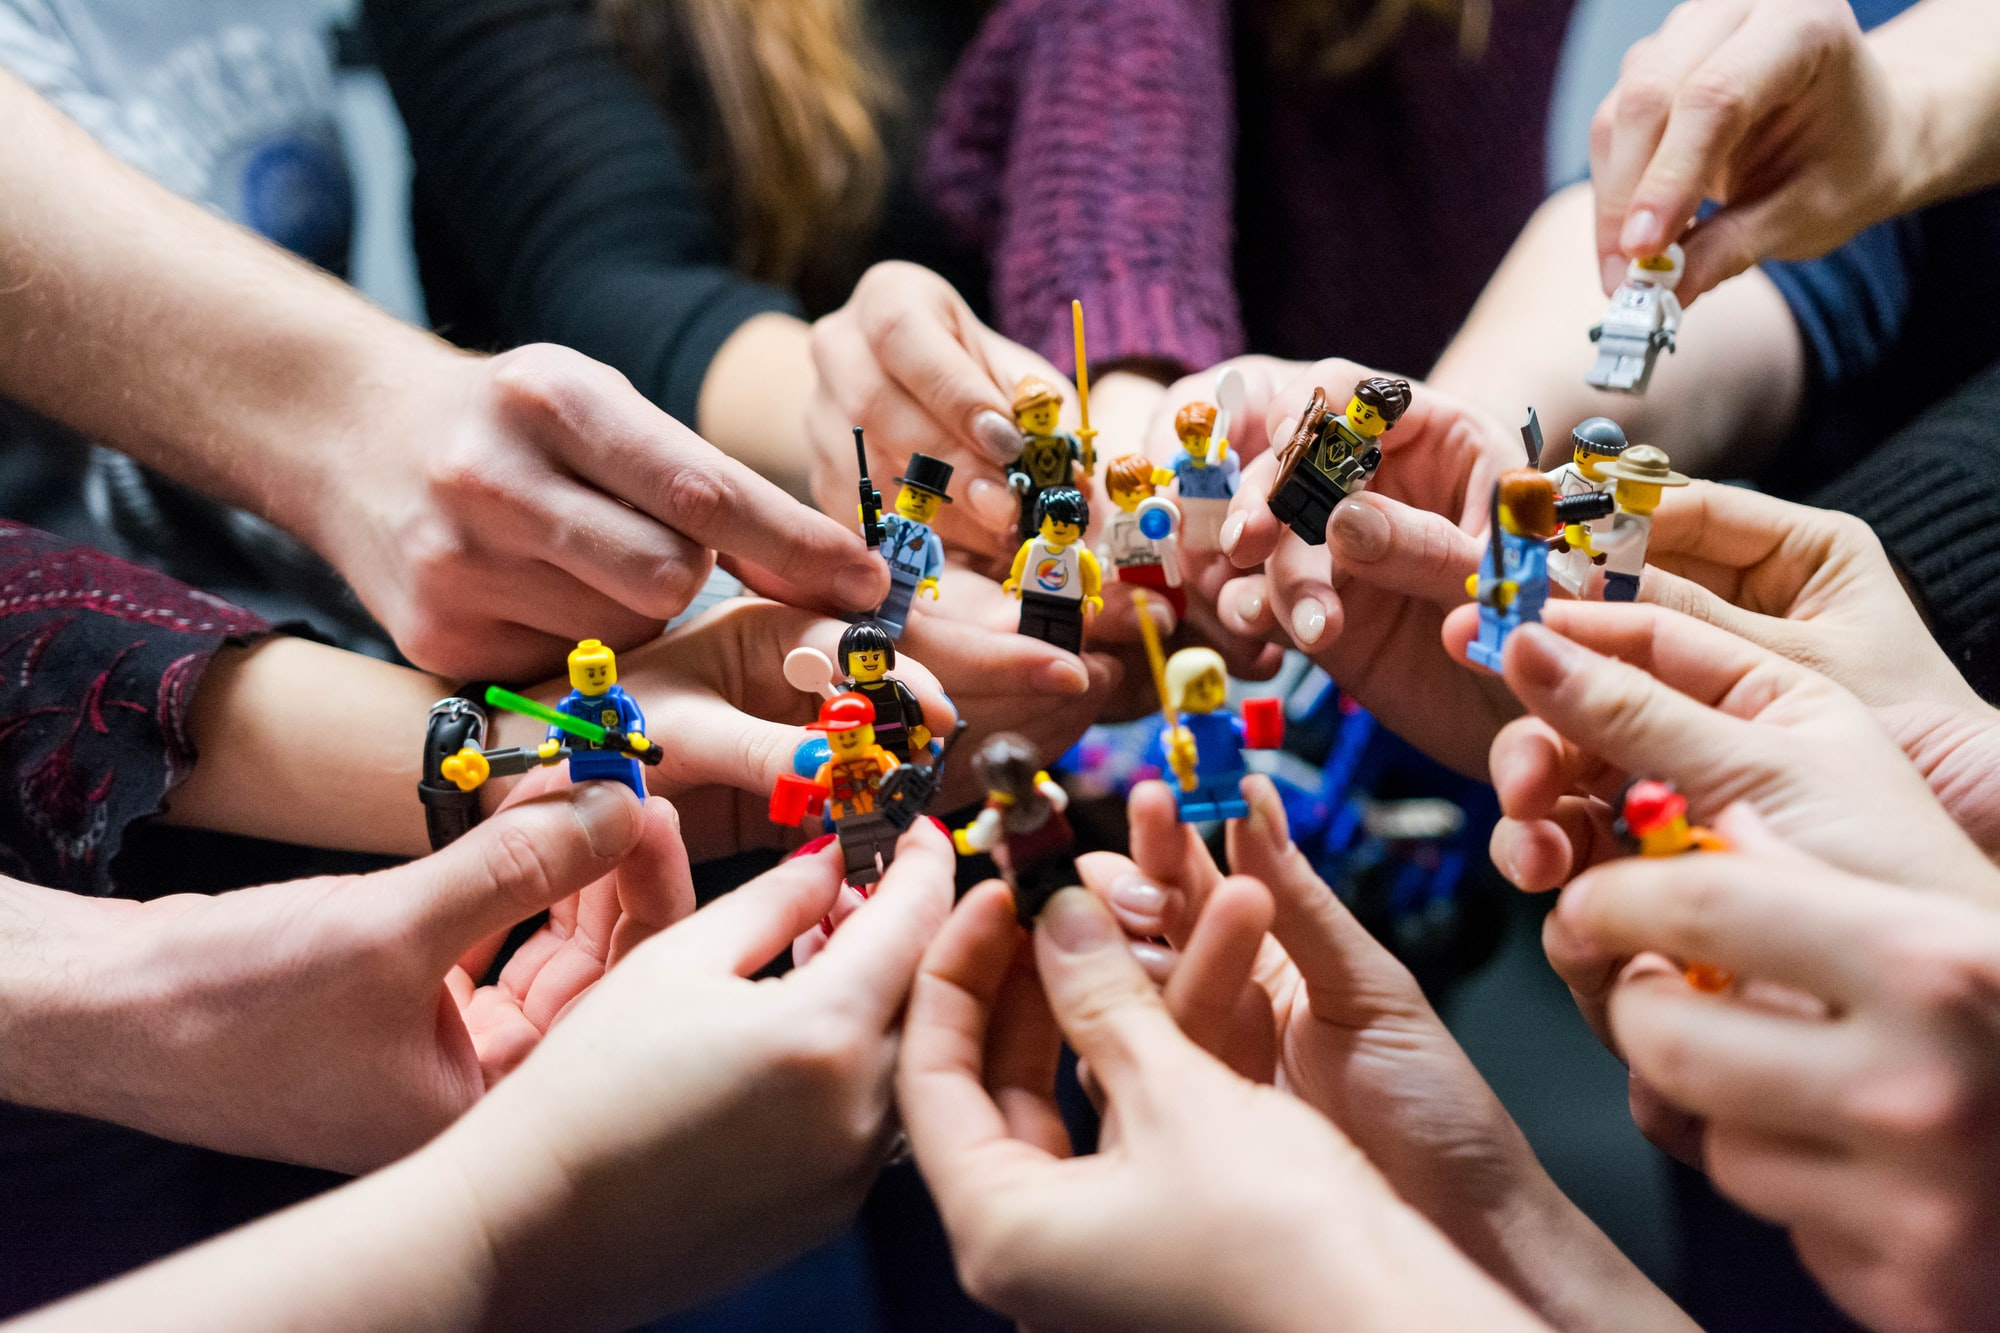 Comment encourager l'inclusivité dans votre équipe ?